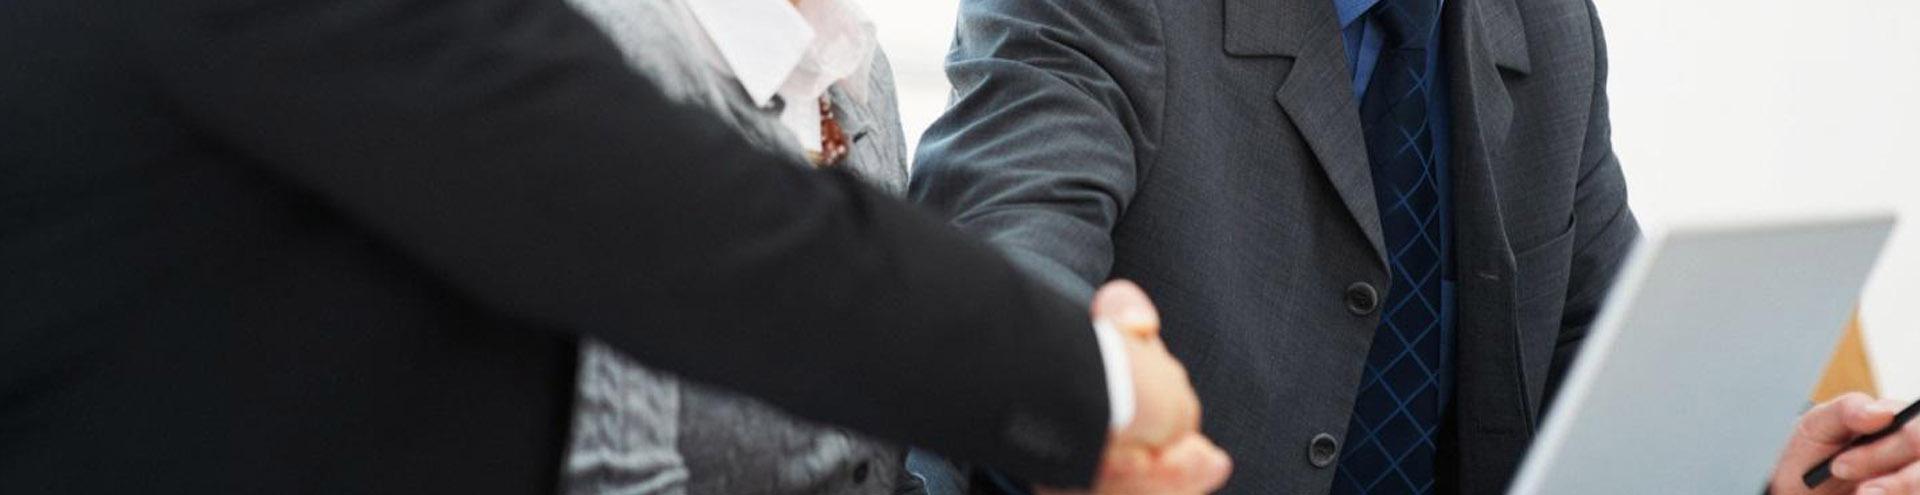 консультация юриста в Чебоксарах